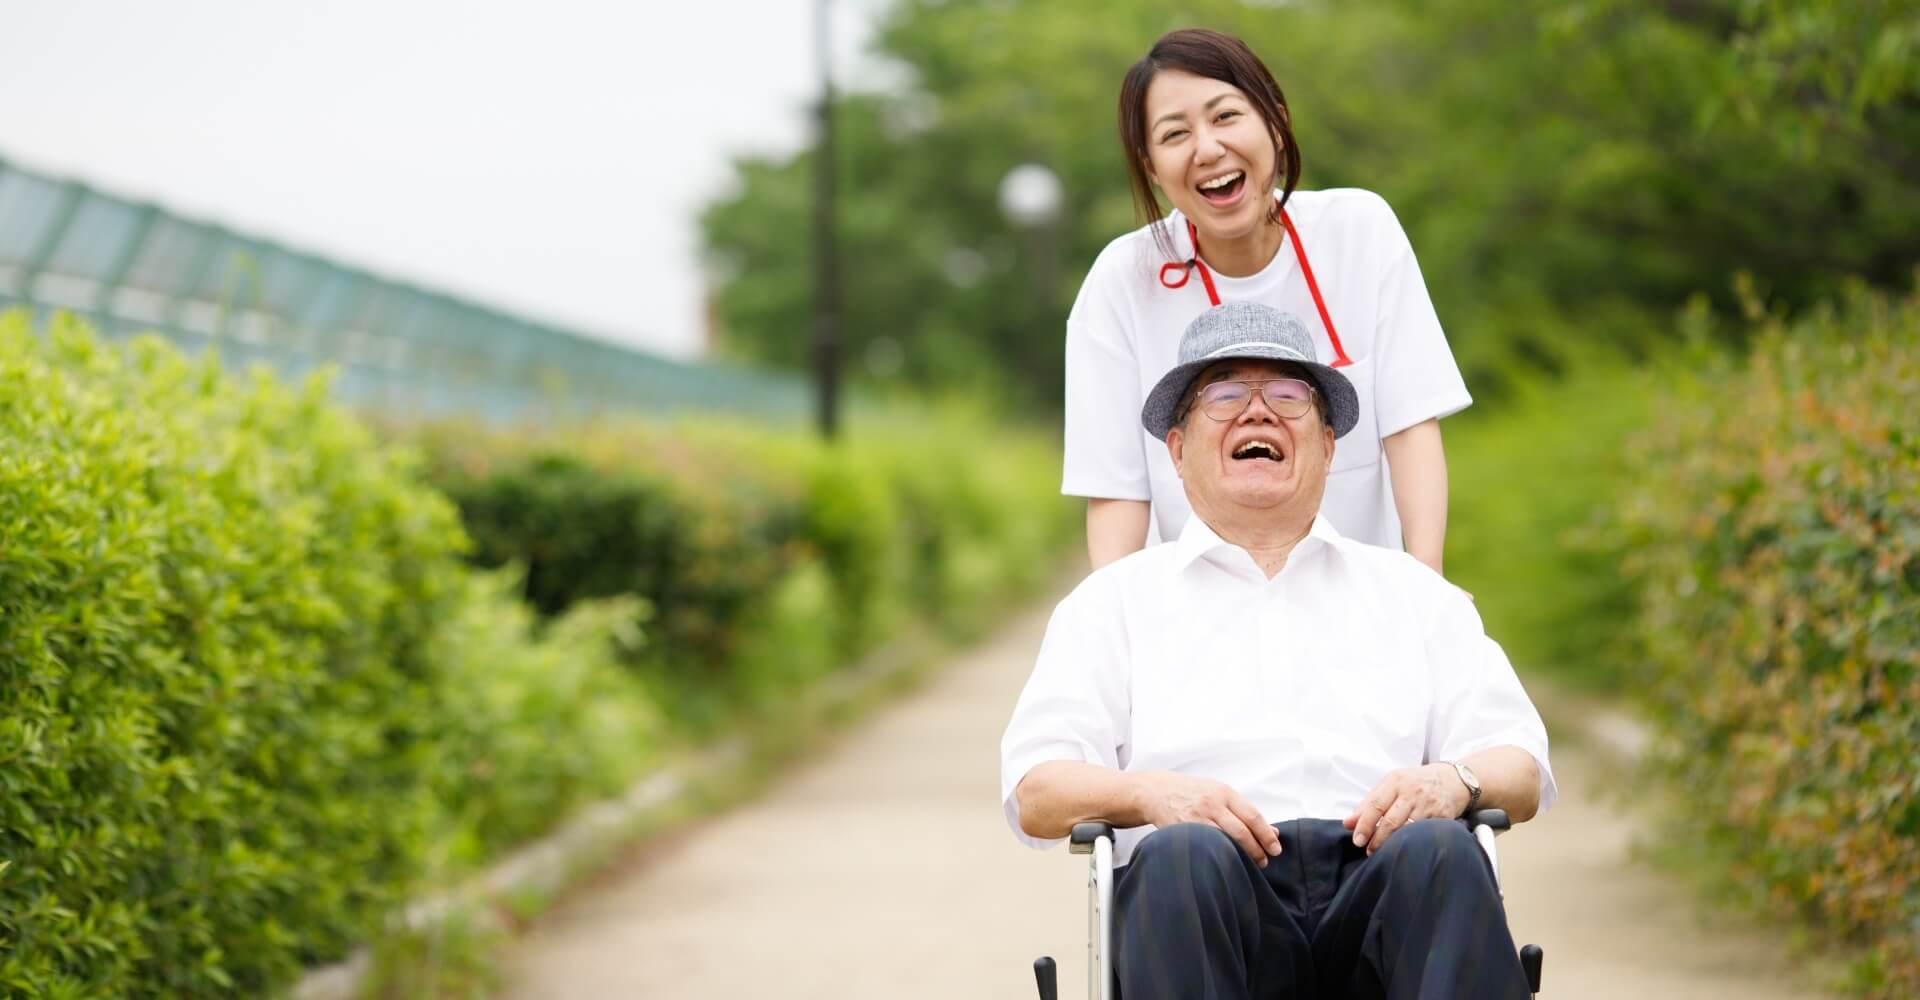 24時間365日 充実した日常が過ごせるよう 絆の看護がサポートします!